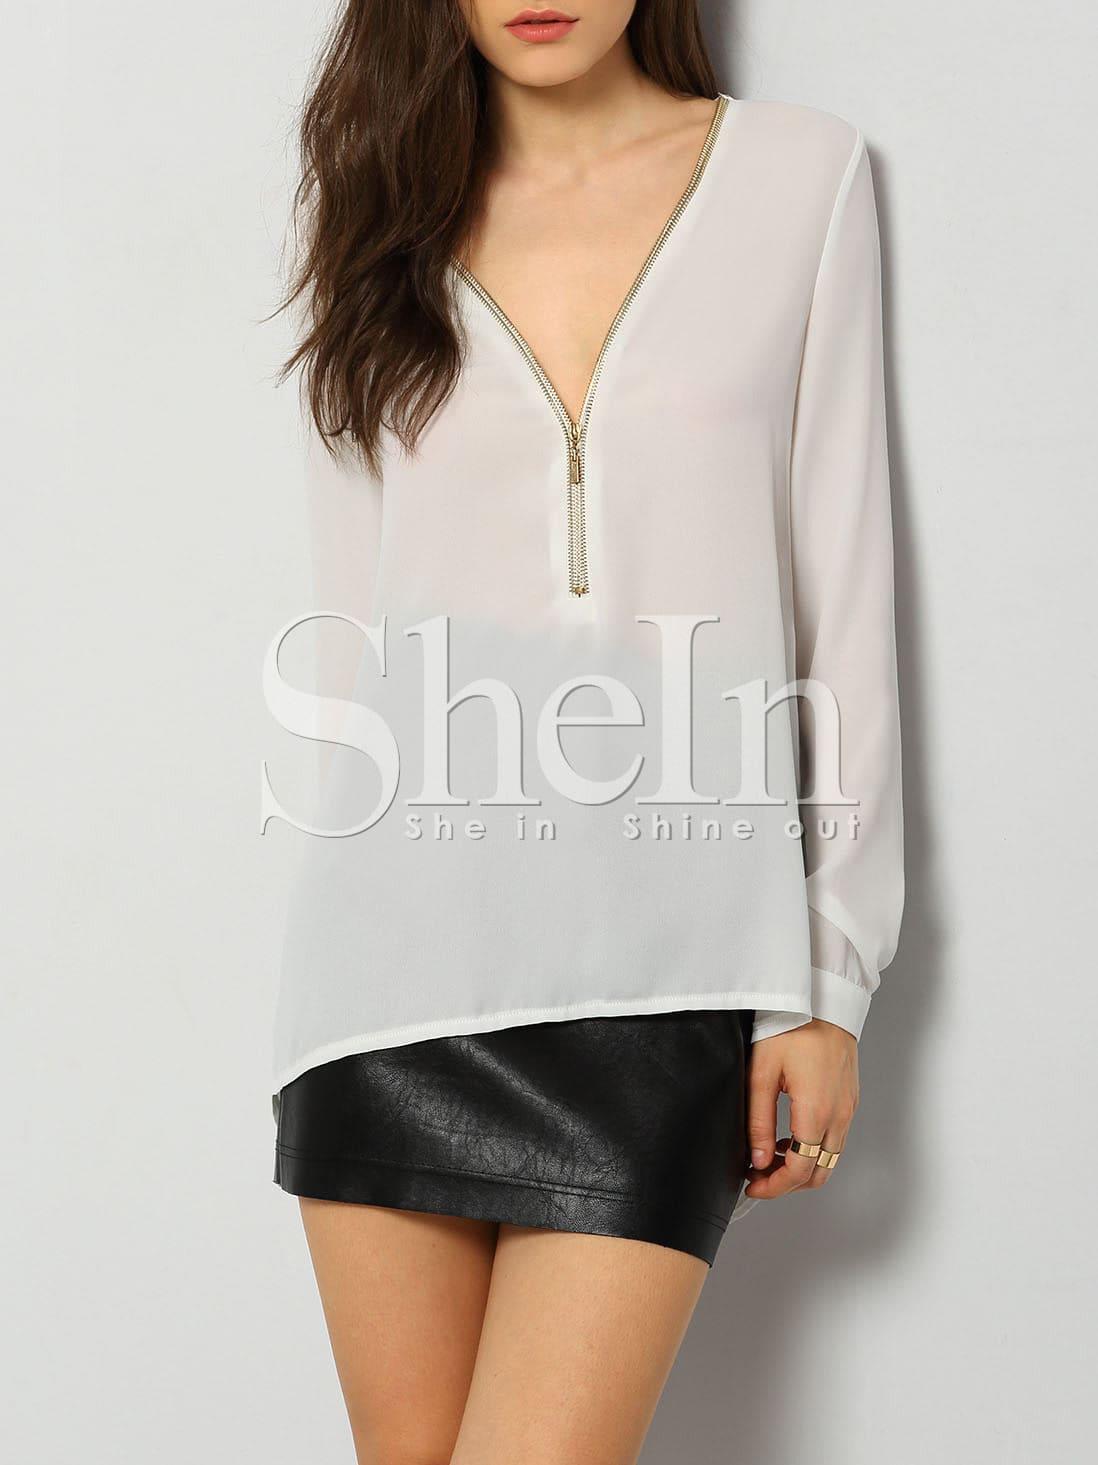 White Long Sleeve V Neck High Low Zipper Blouse blouse151201501